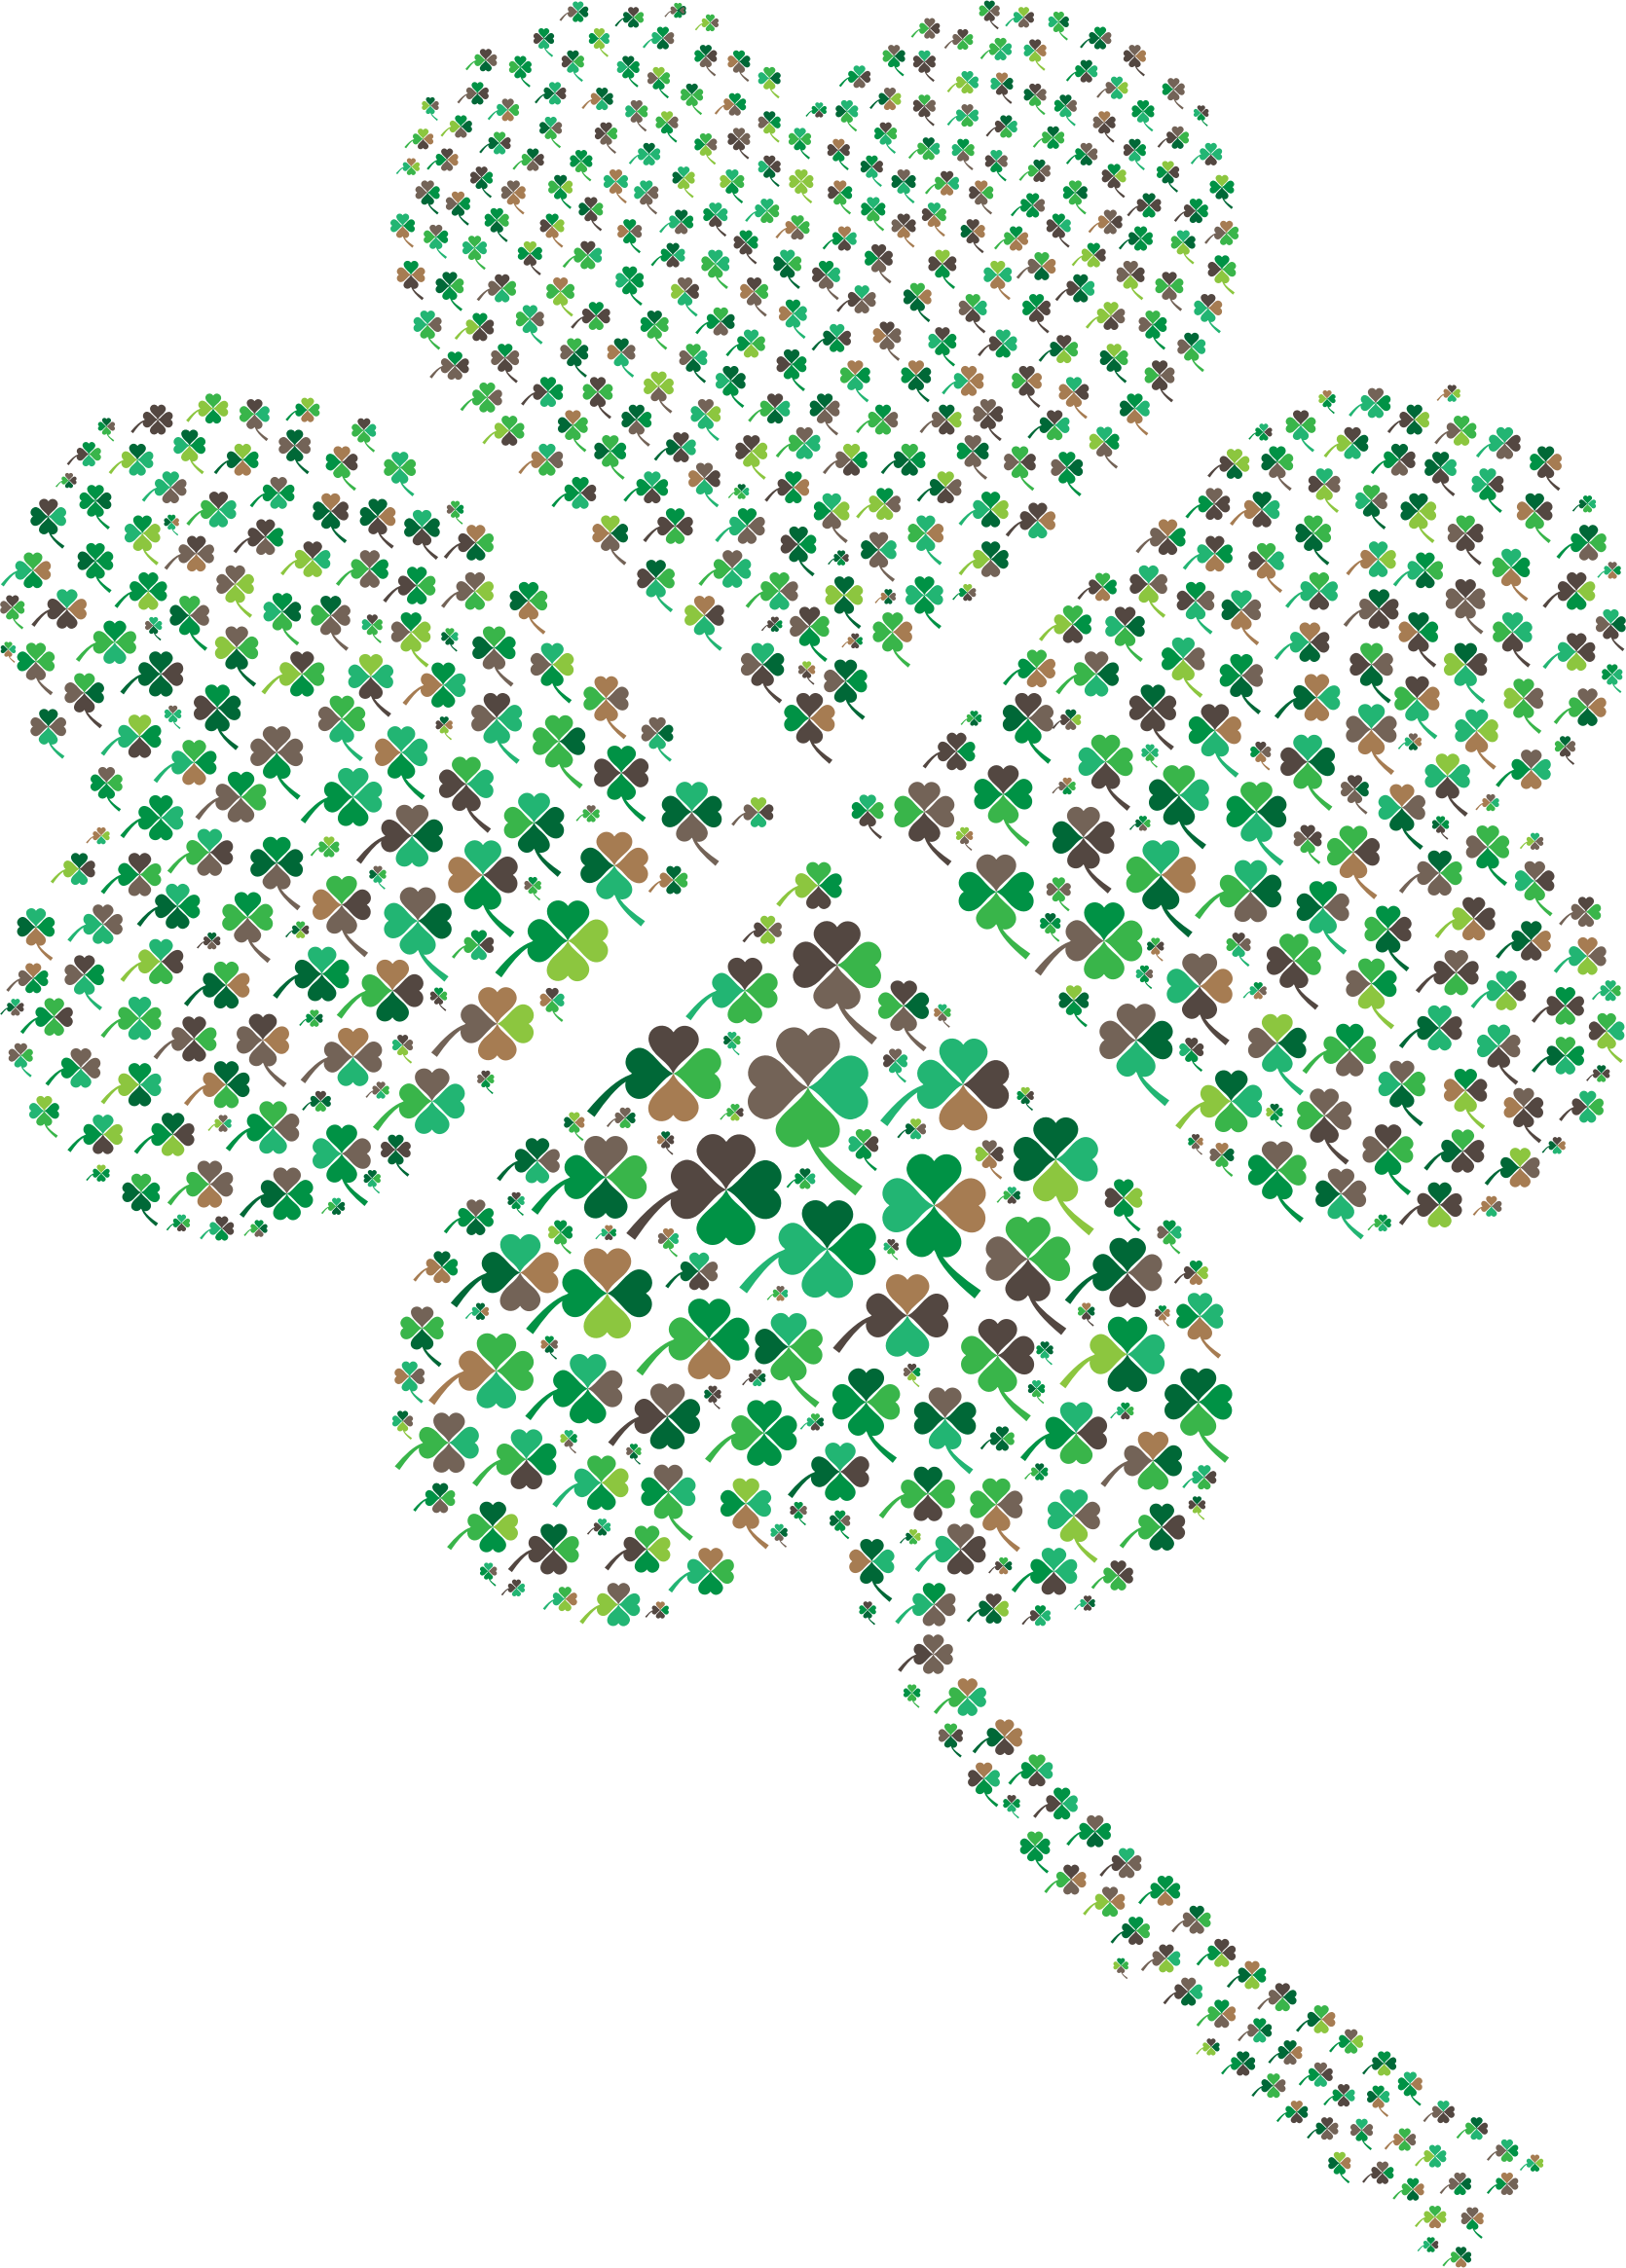 Clover clipart clover leaves. Green four leaf fractal